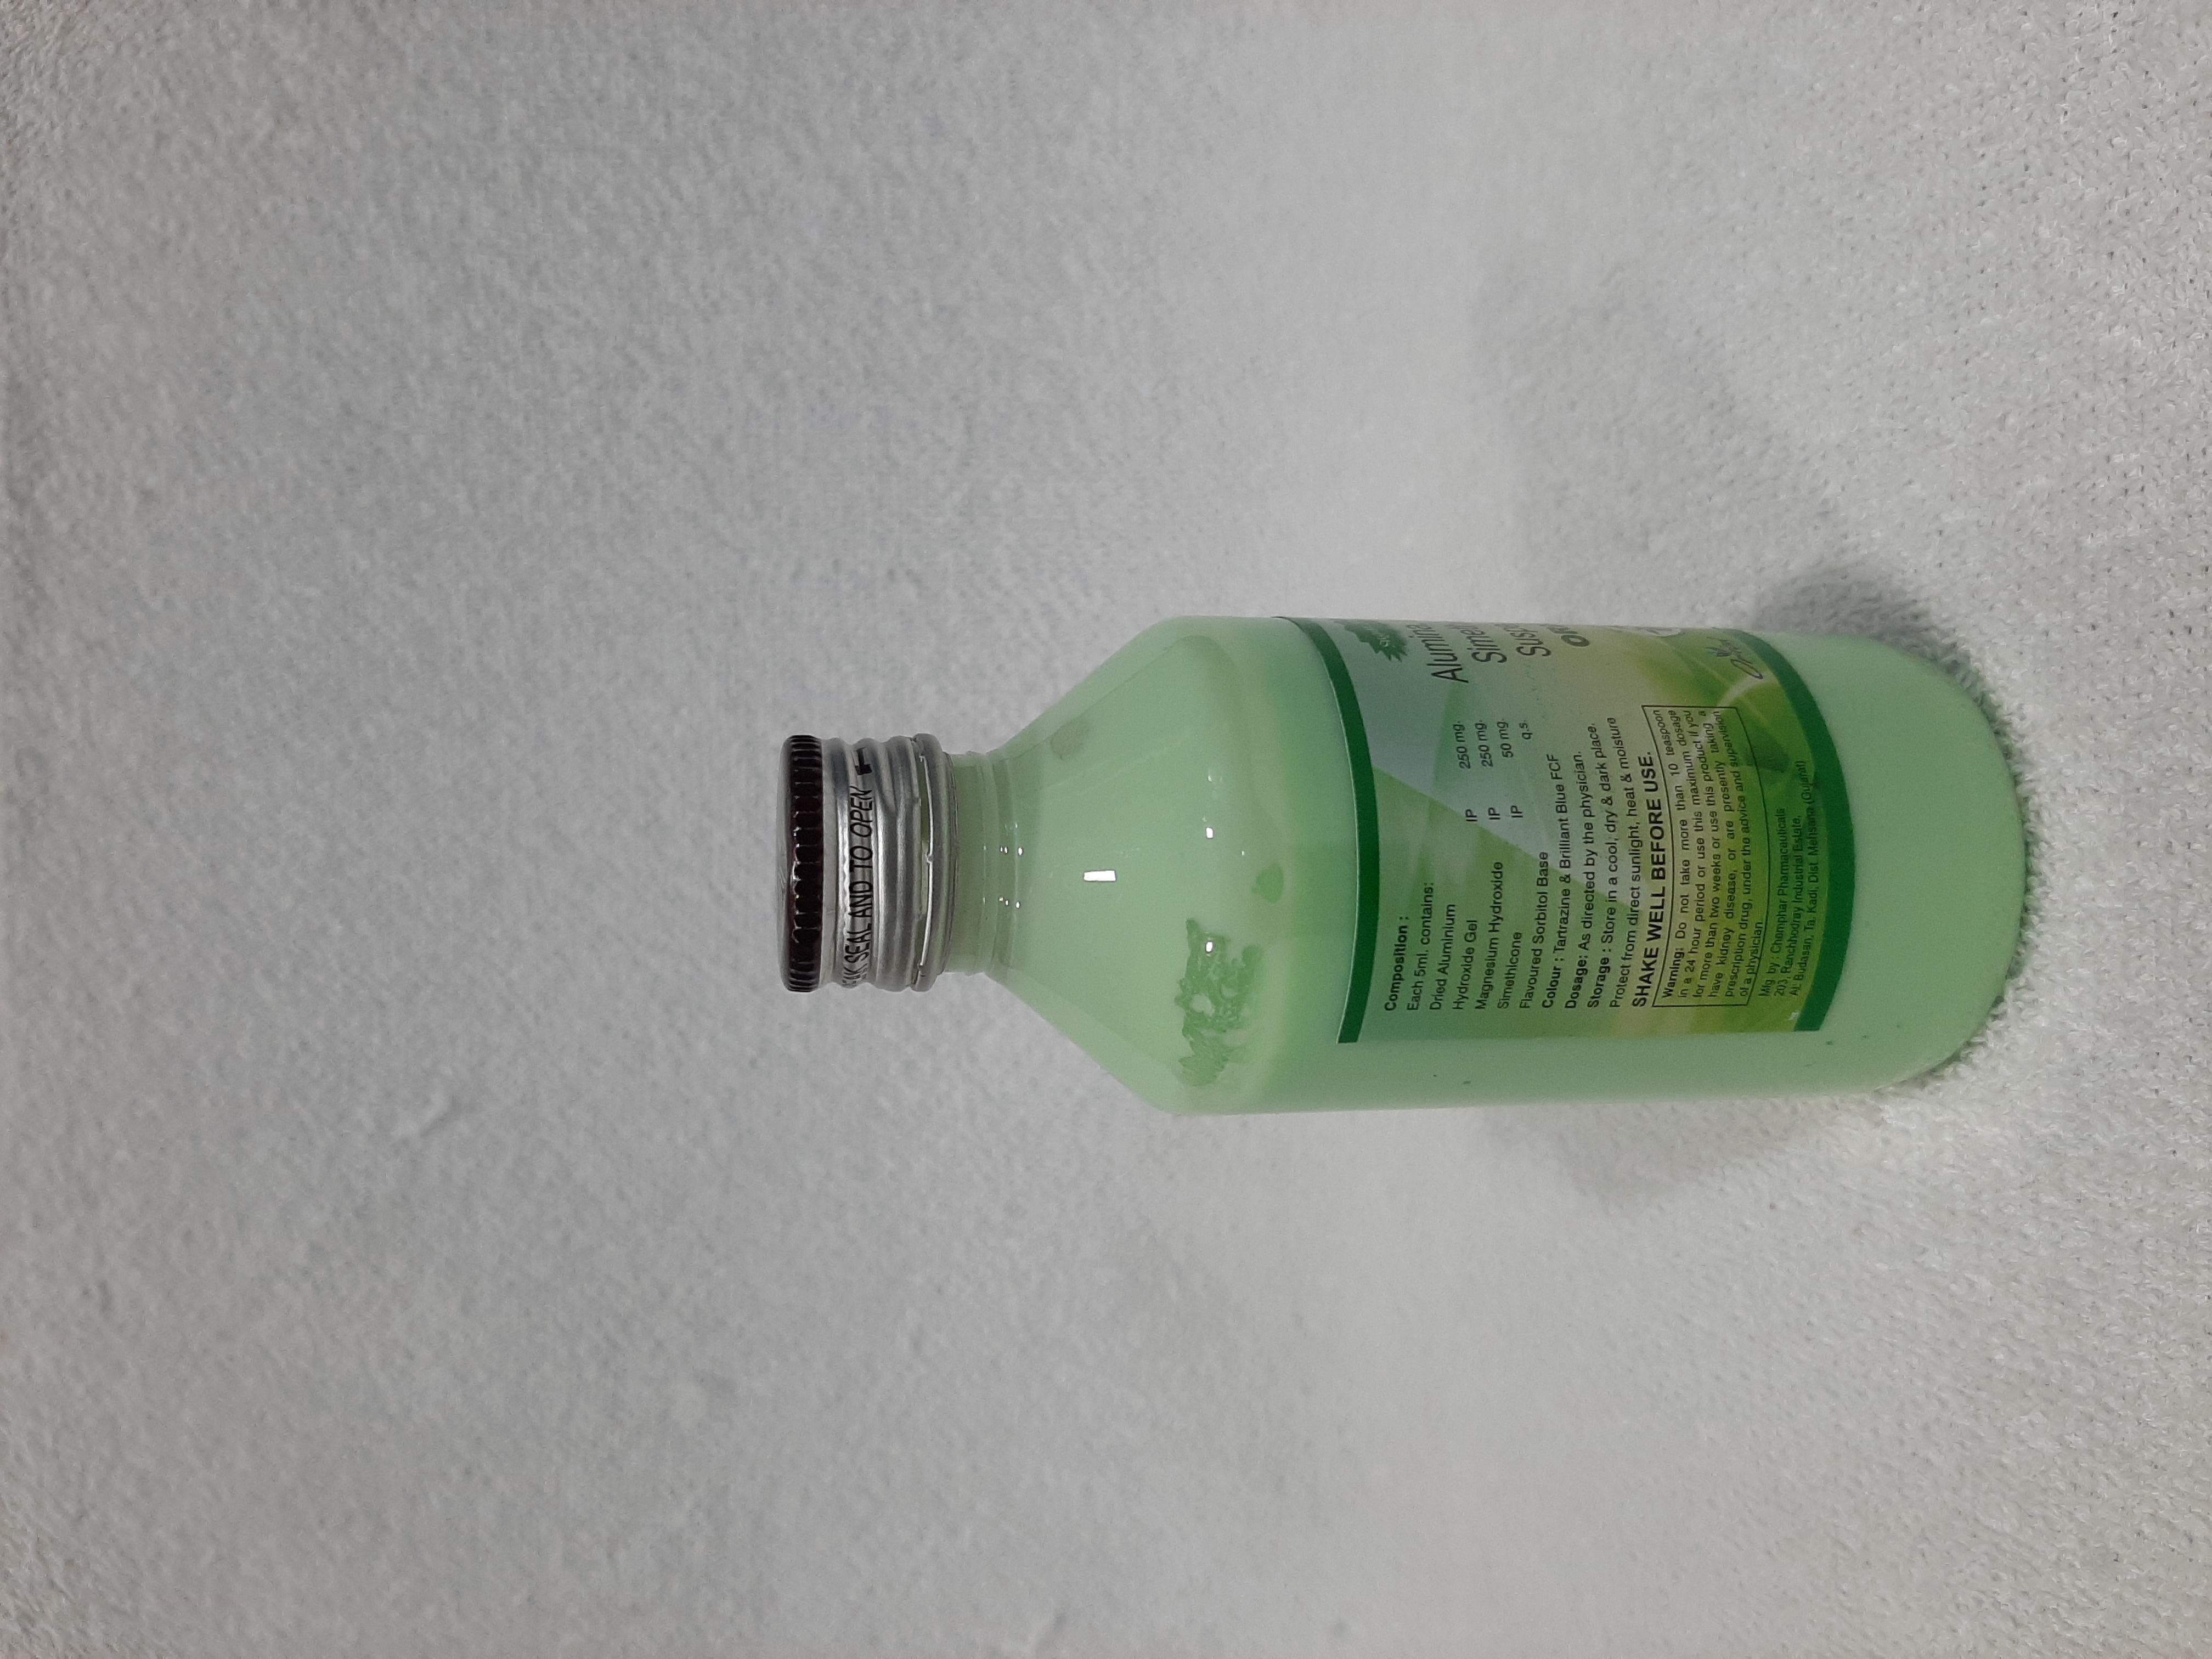 Dried Aluminium Hydroxide Gel, Magnesium Hydroxide,Axtivated Dimethicone And Sorbitol Suspension